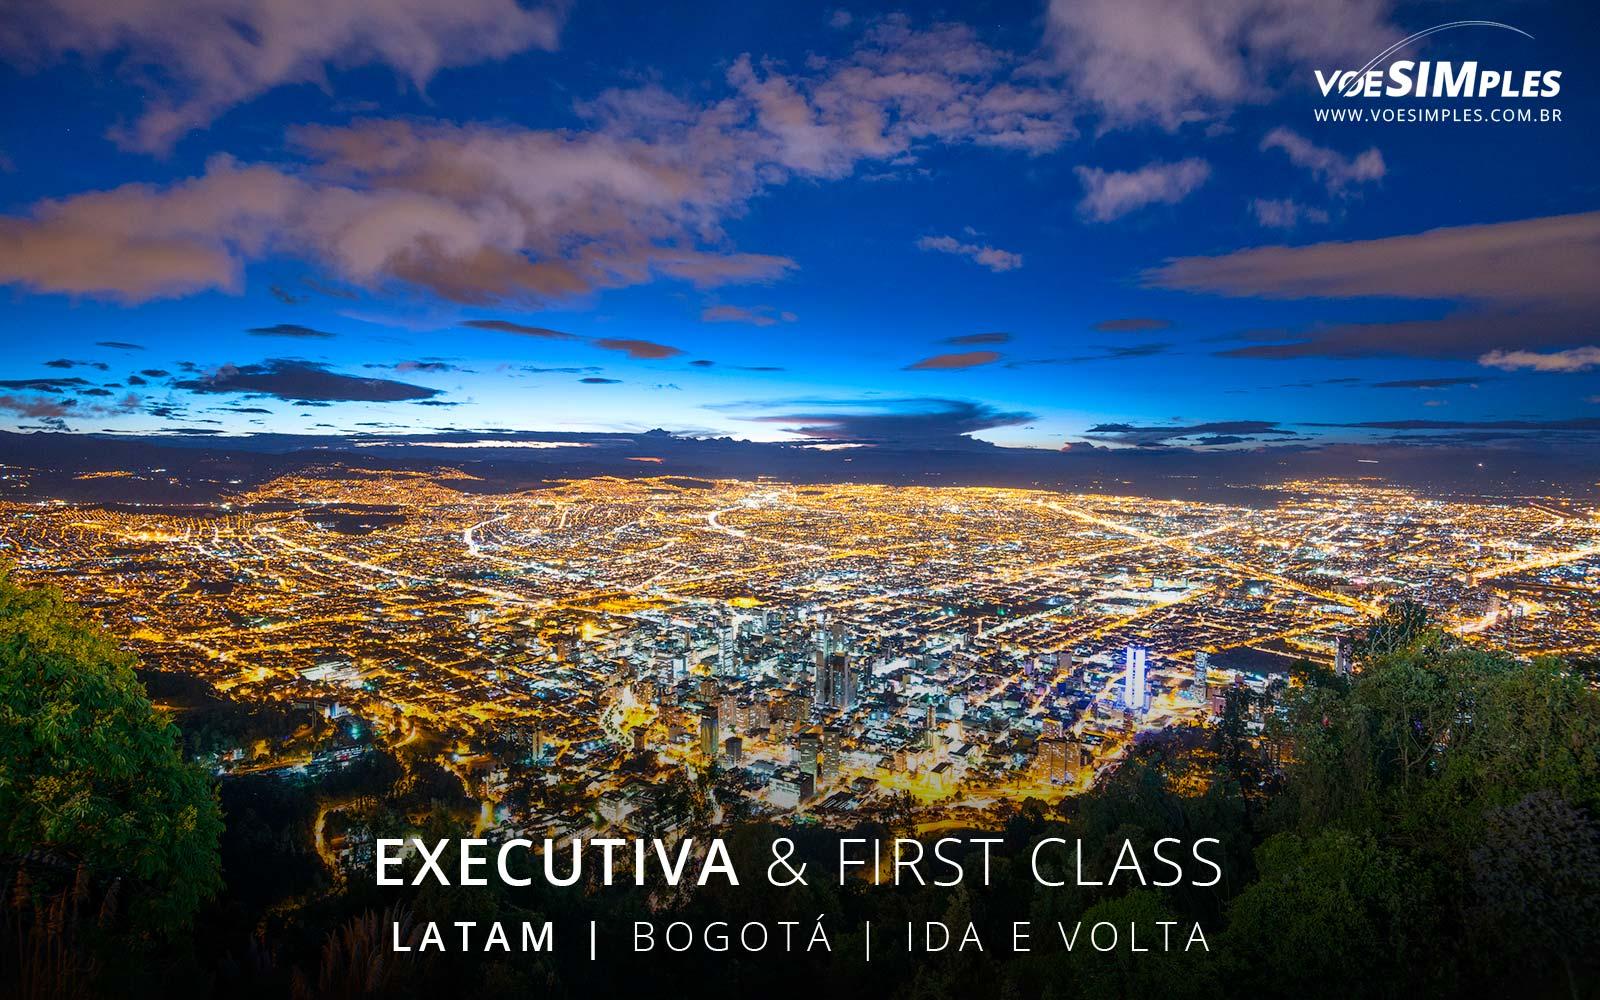 passagens-aereas-executiva-baratas-bogota-colombia-continente-voe-simples-passages-aereas-promocionais-executivas-colombia-passagem-promo-executiva-bogota